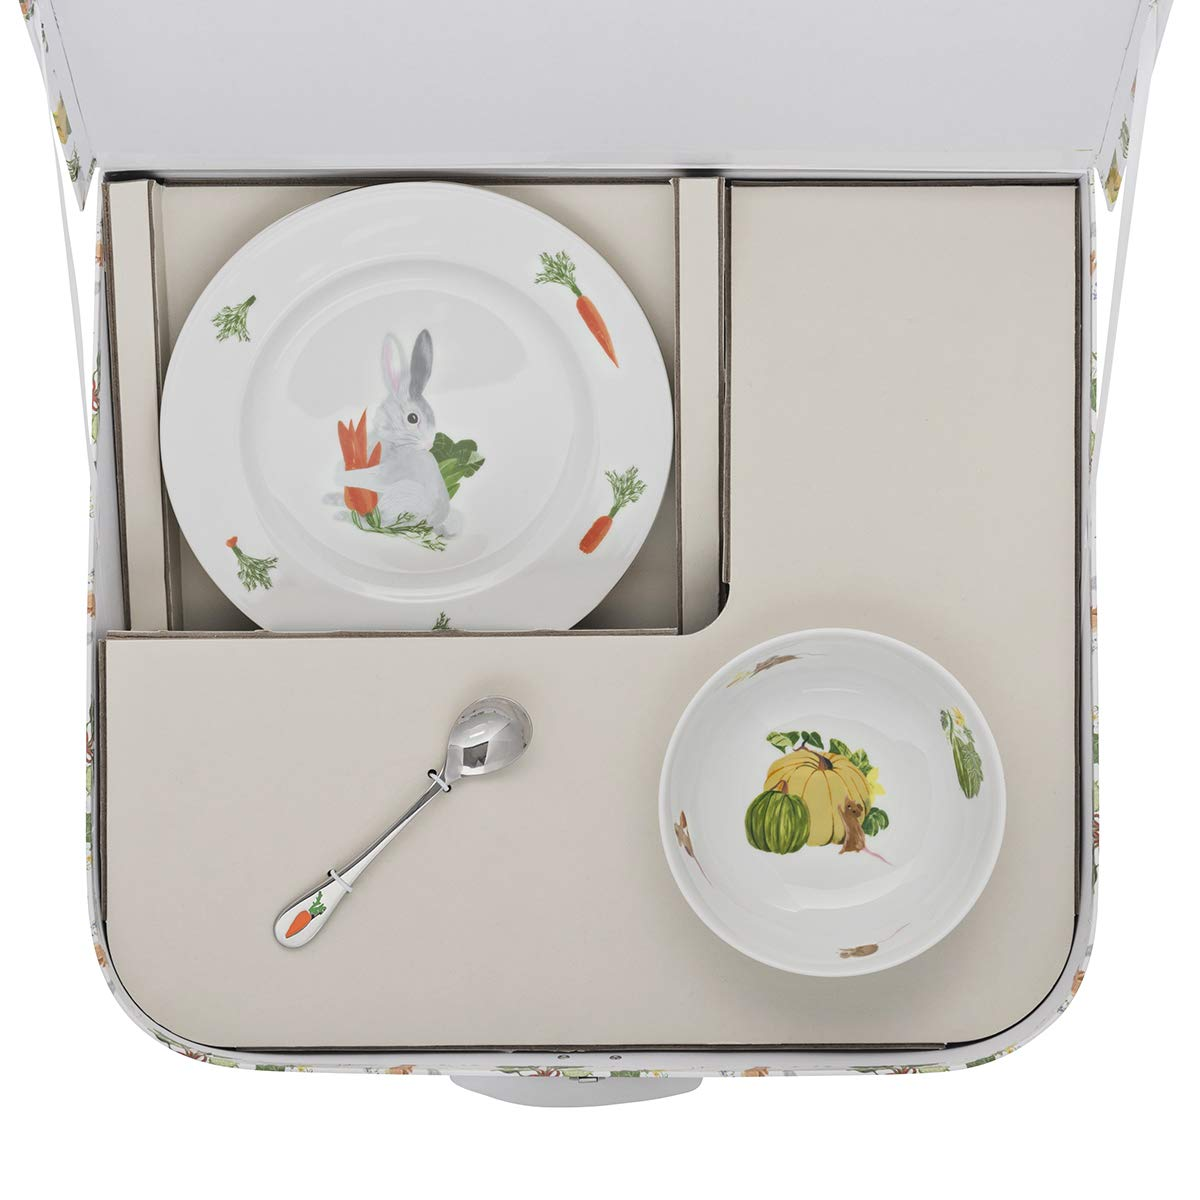 DEGRENNE 231760 Les Amis du Potager Valisette avec coupelle assiette /à dessert cuill/ère /à caf/é Multicolor